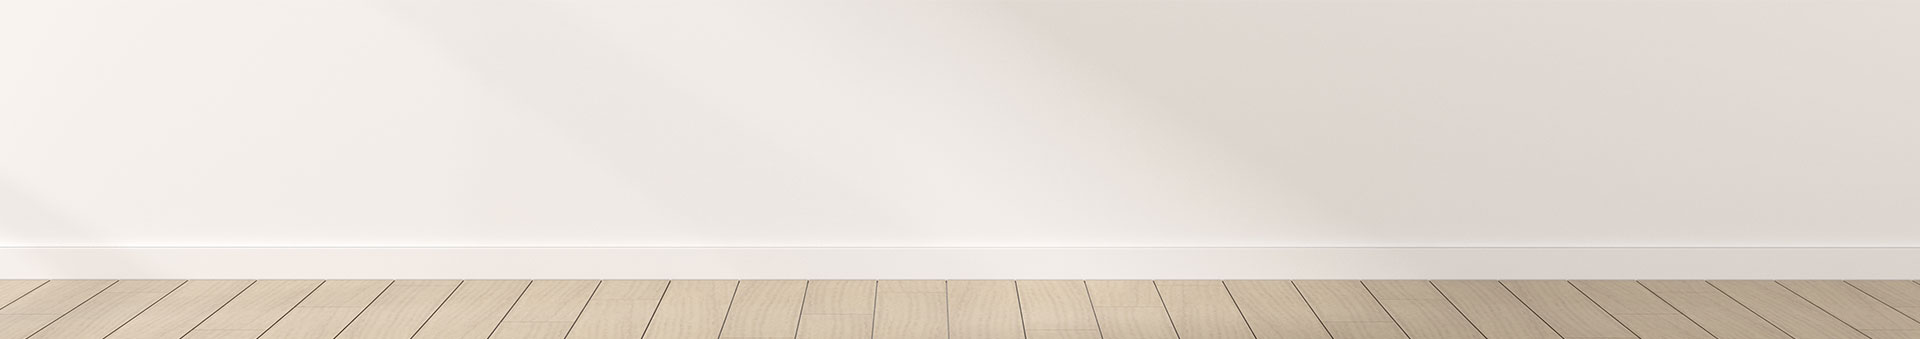 5 Schritte zum neuen Fußboden